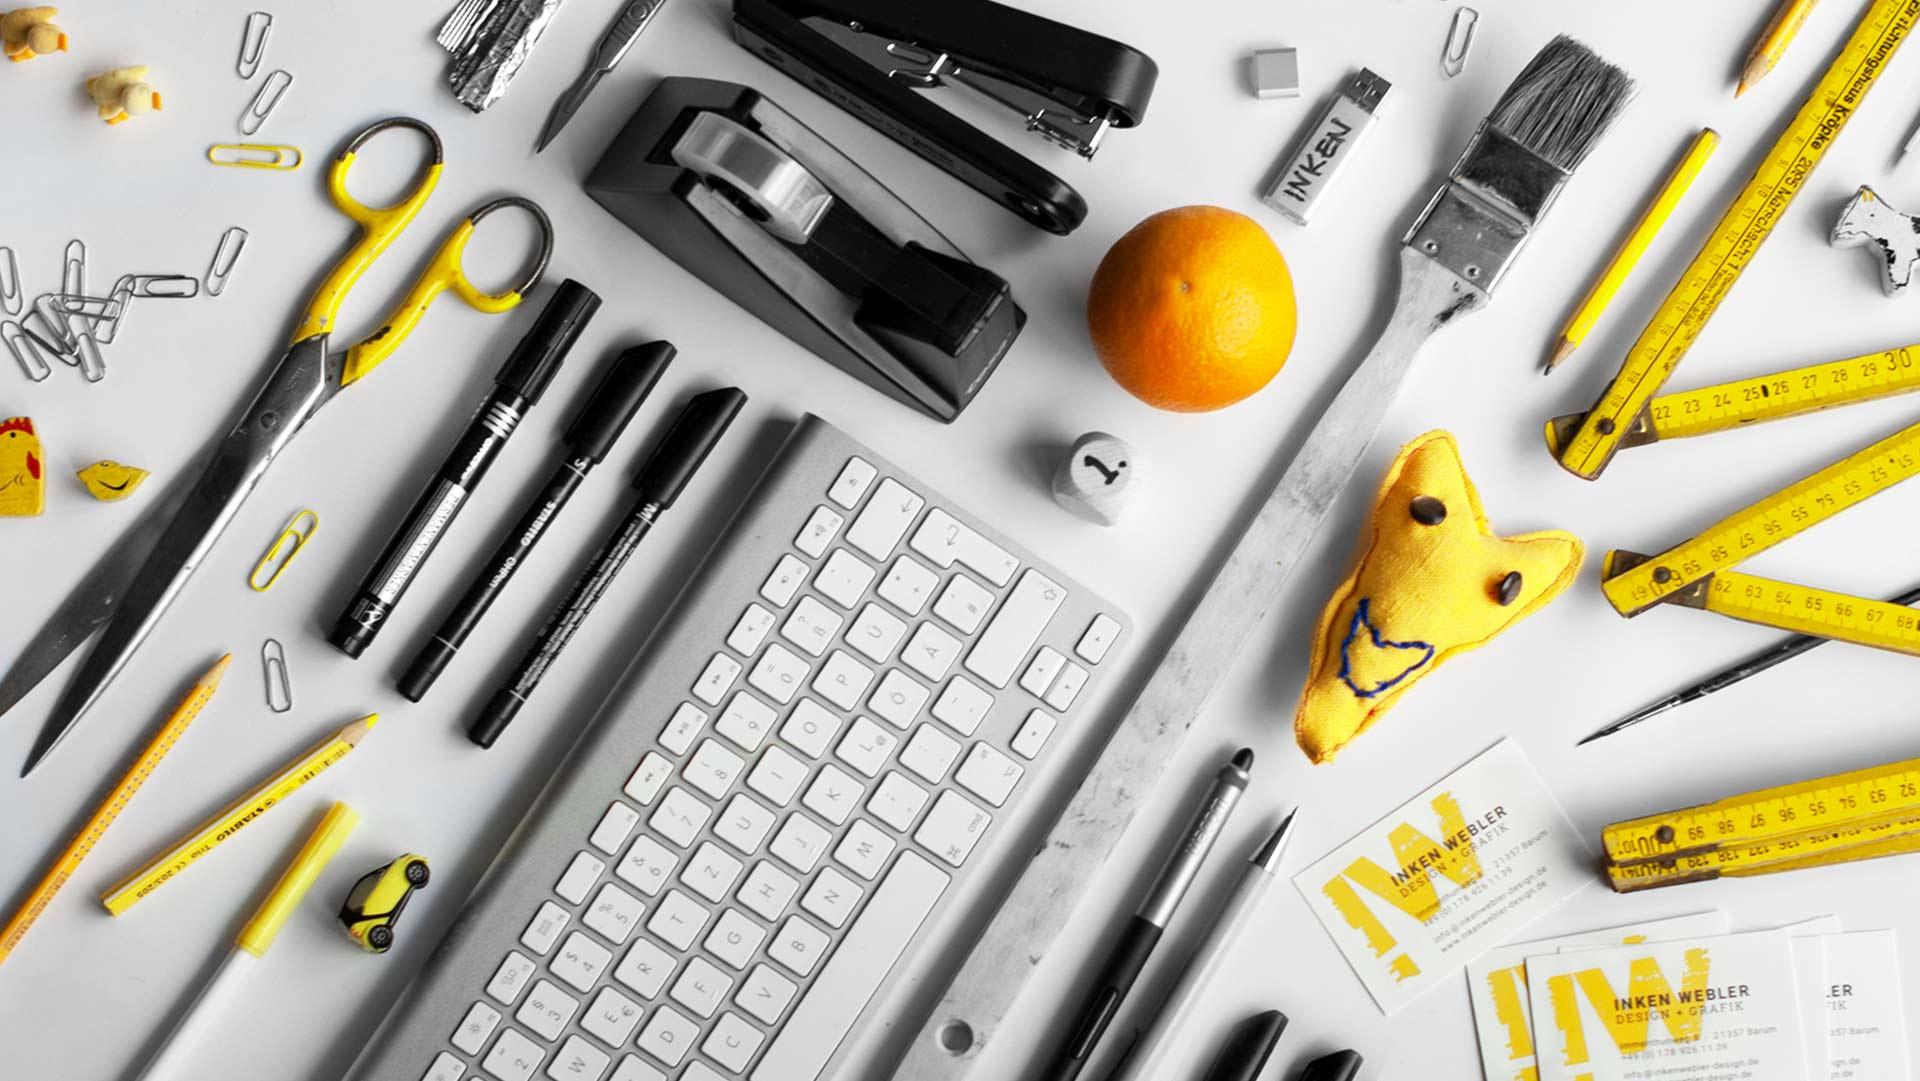 diverse Arbeitsutensilien und Nützliches für Grafik und Webdesign - Tastatur, USB-Stick, Stifte, Pinsel, Schere, Tesafilm, Massstab, Herz, Nummer 1, Orange